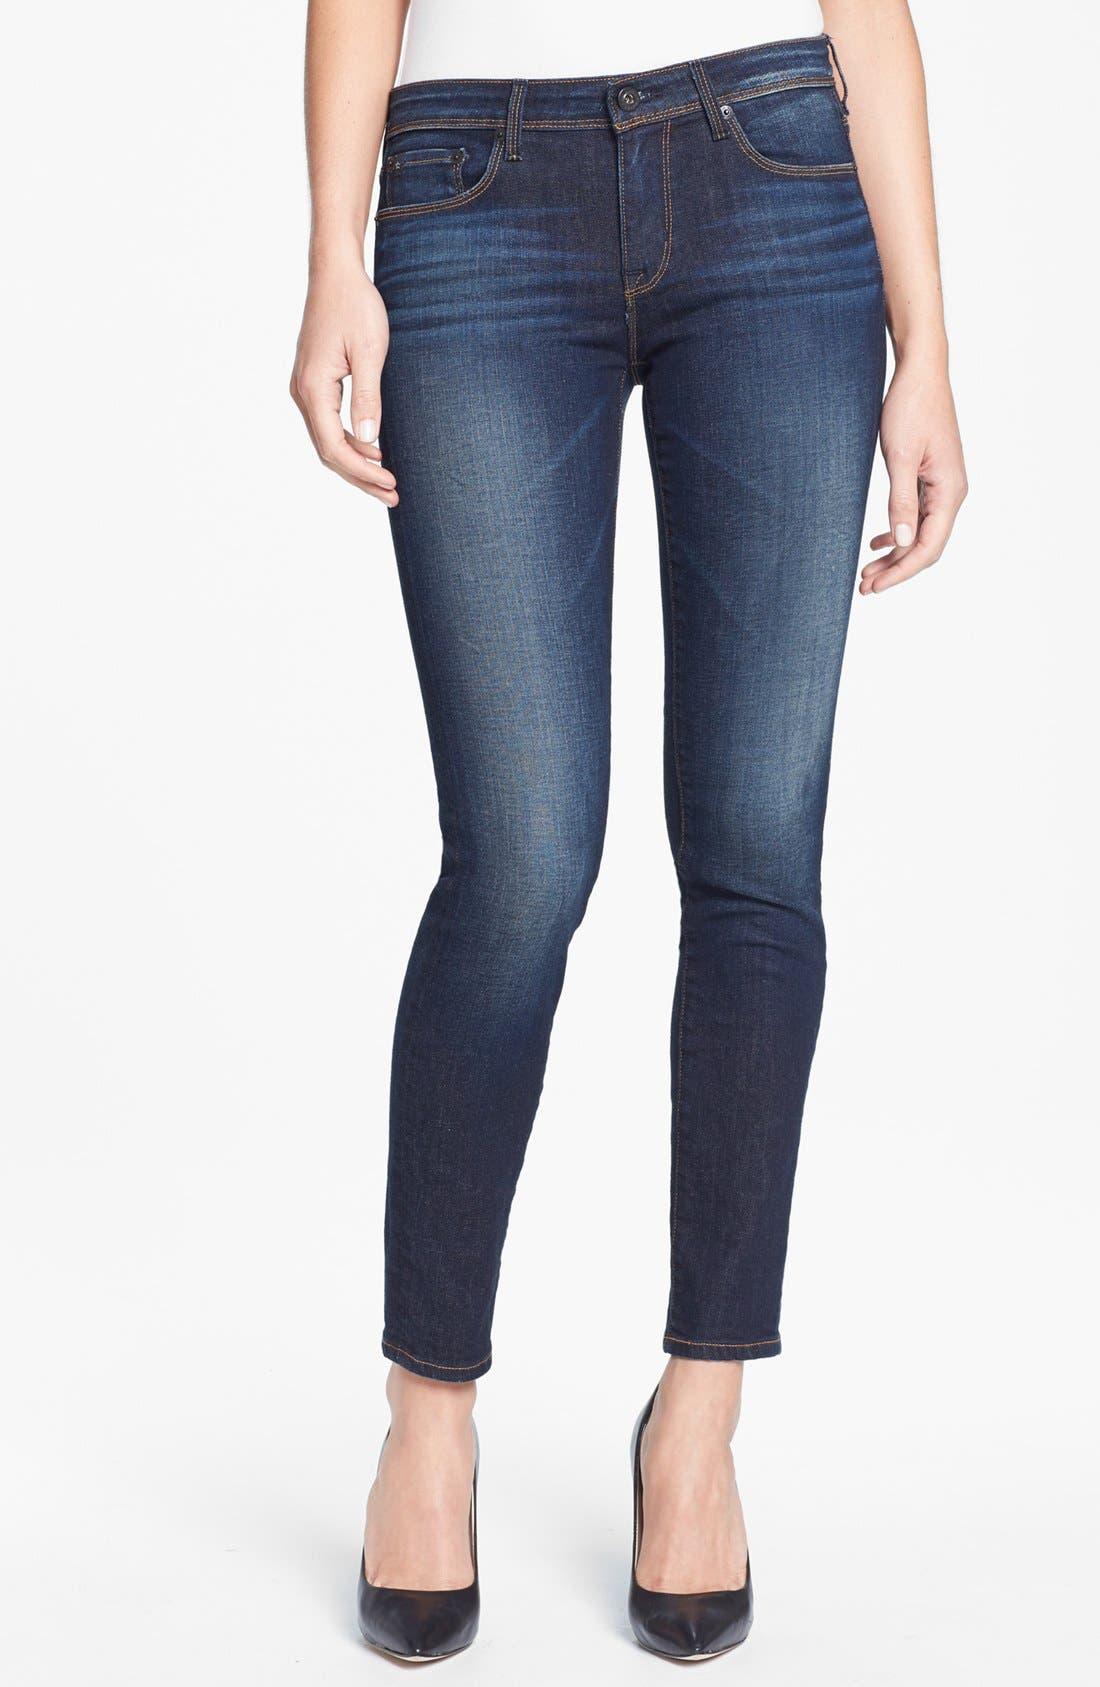 Alternate Image 1 Selected - Big Star 'Alex' Stretch Skinny Jeans (Valencia) (Petite)